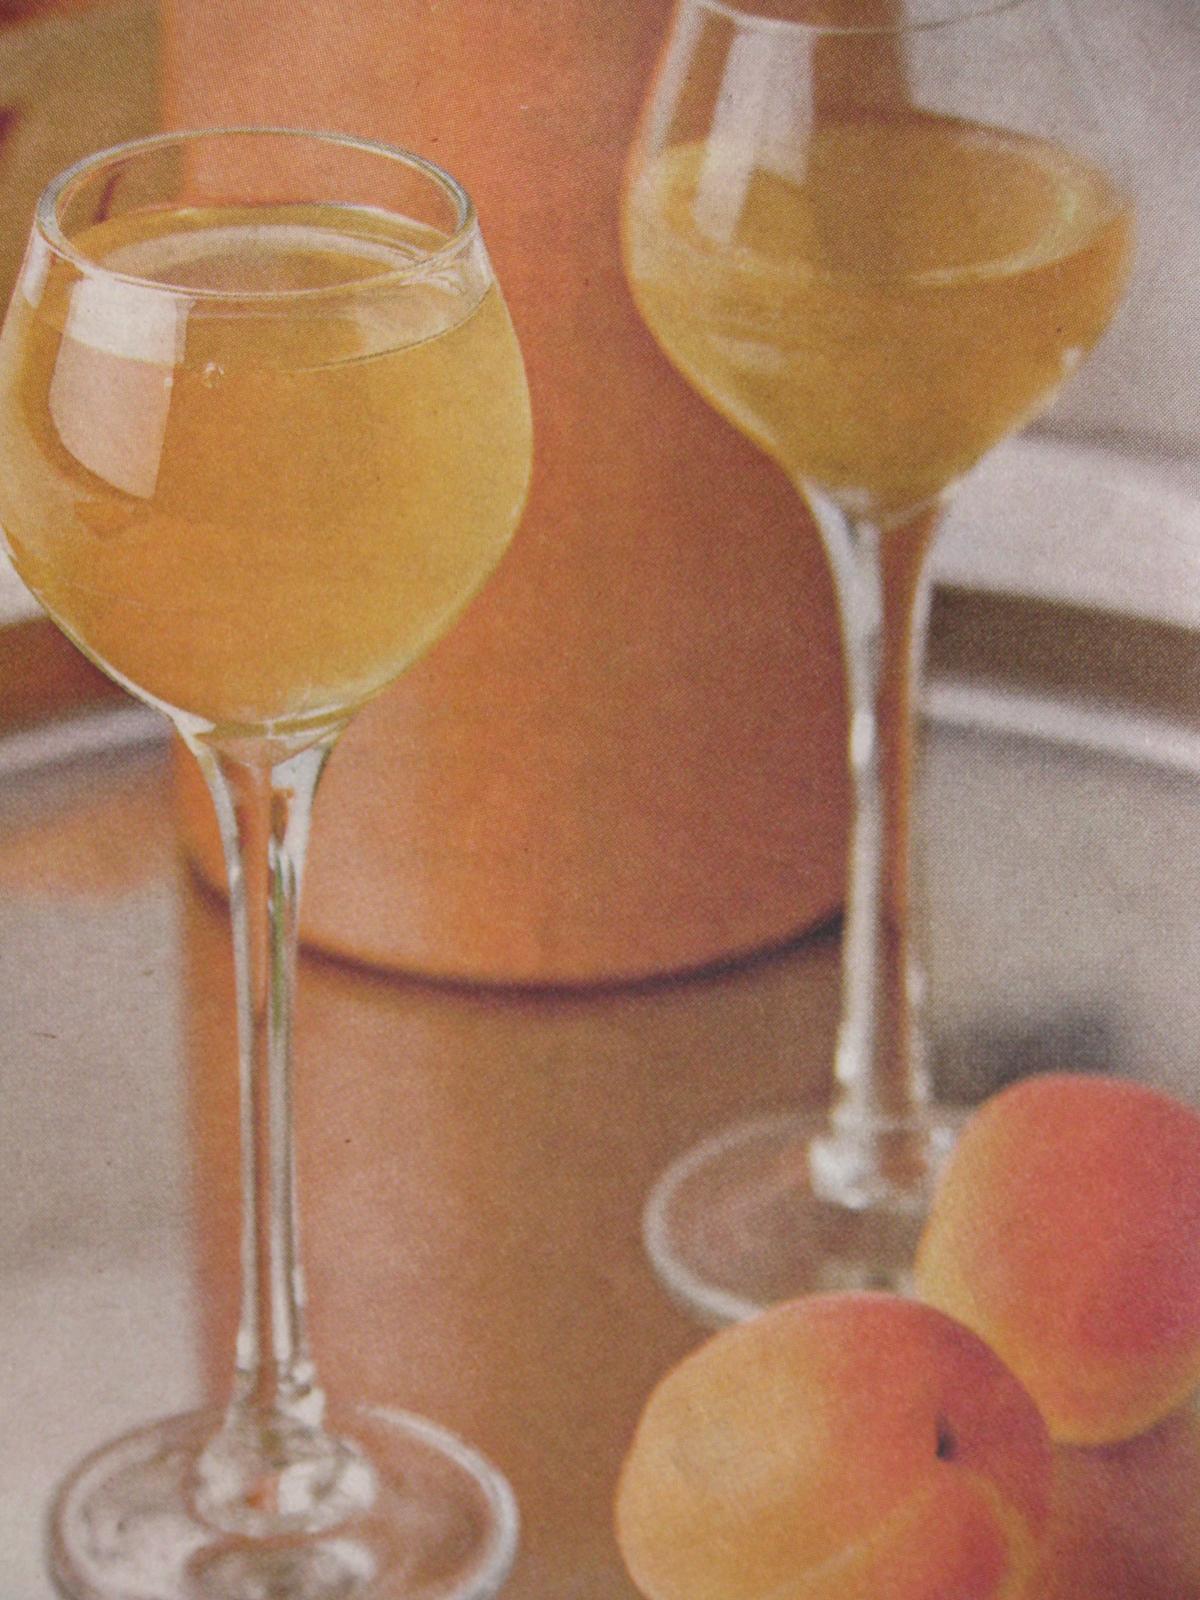 Баклажаны рецепты на зиму рецепт приготовления в домашних условиях 873